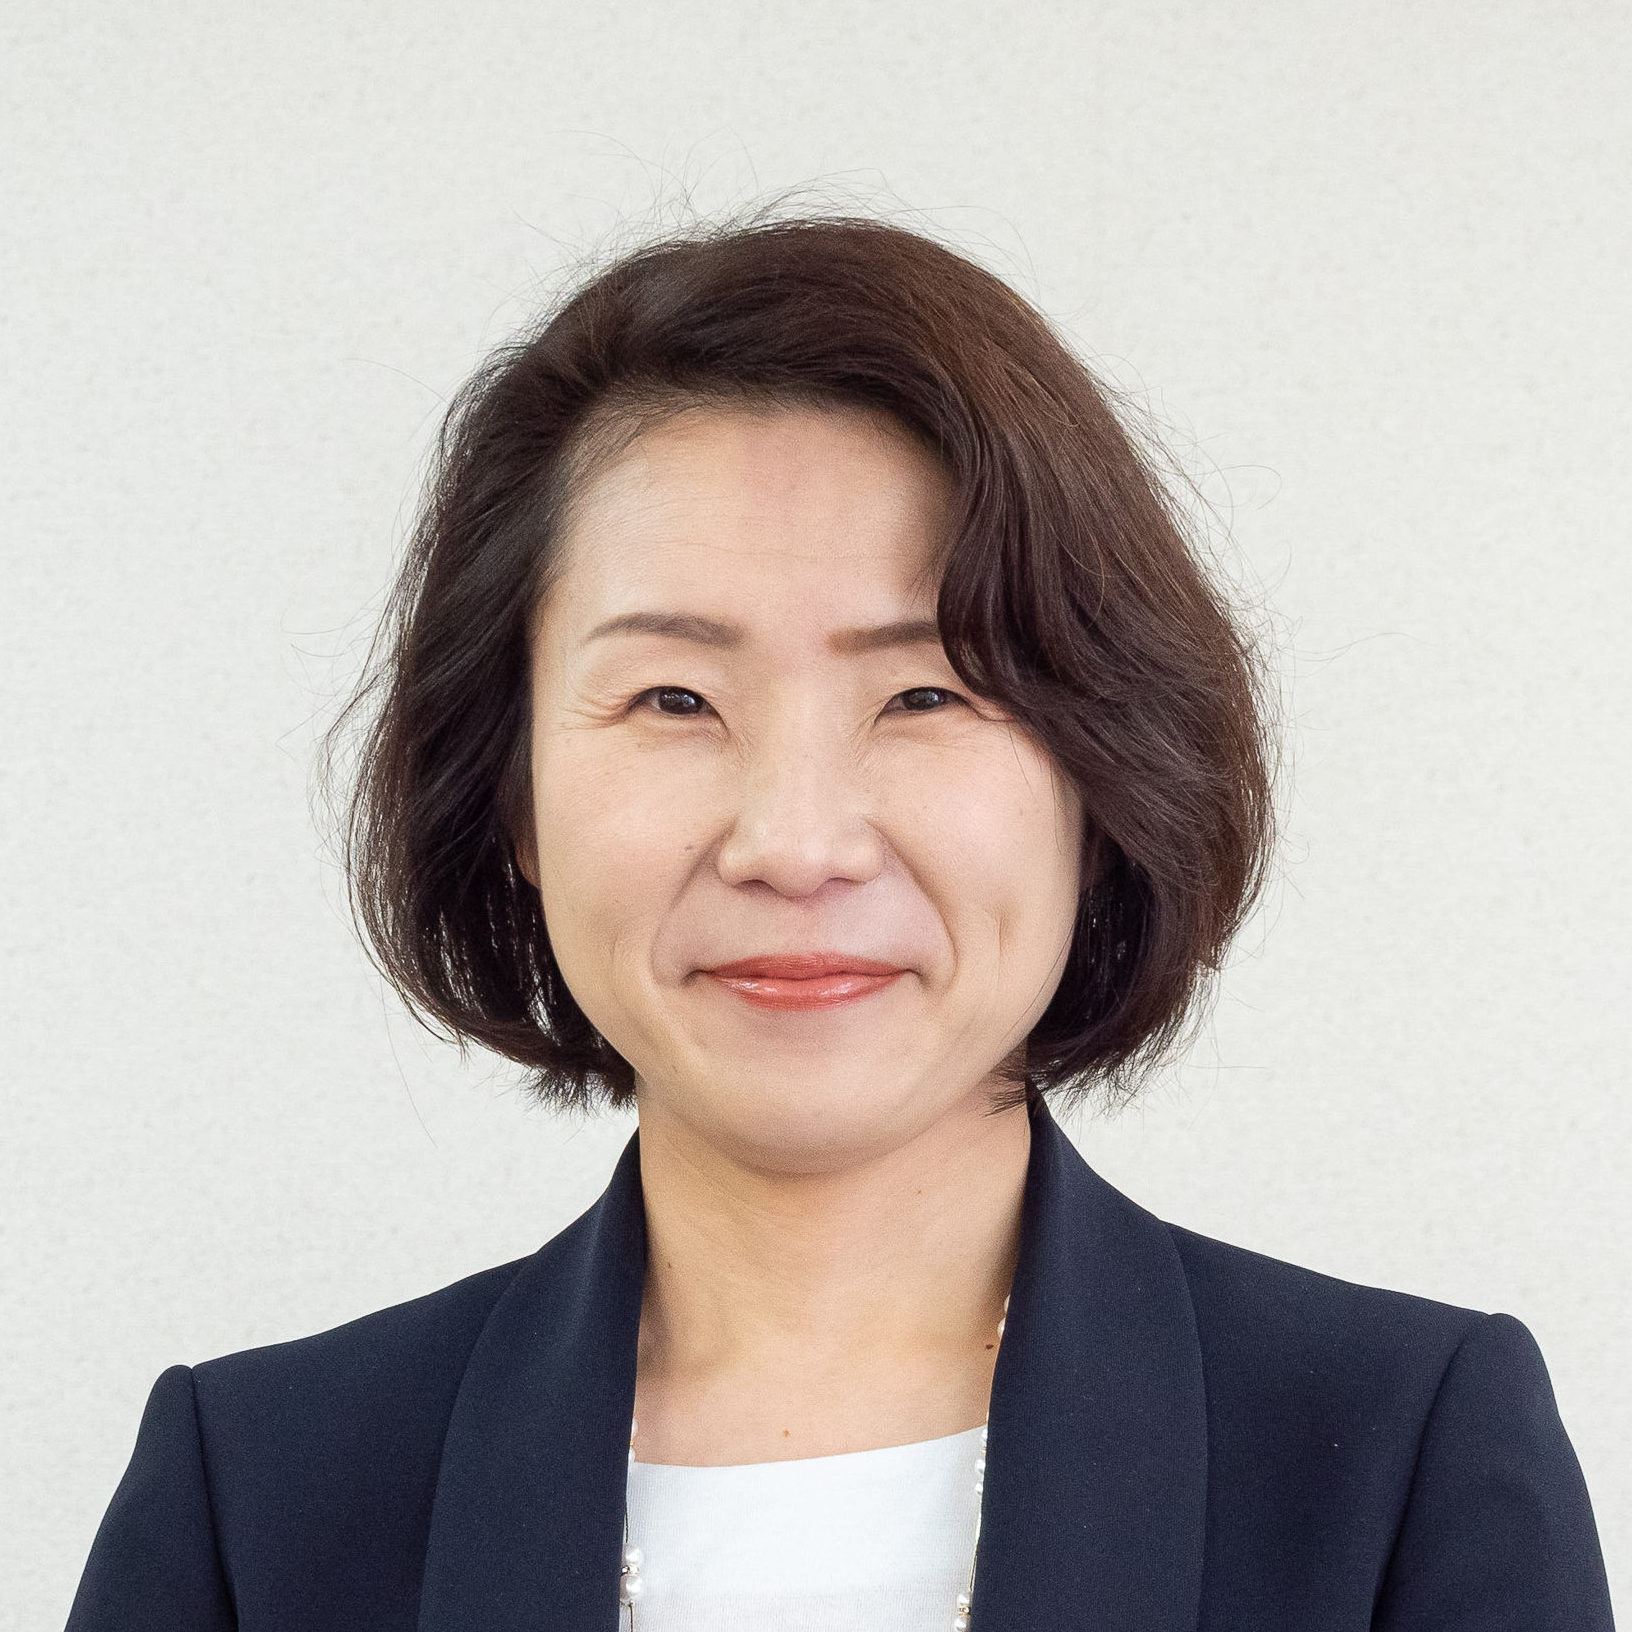 代表者 小野 恵子